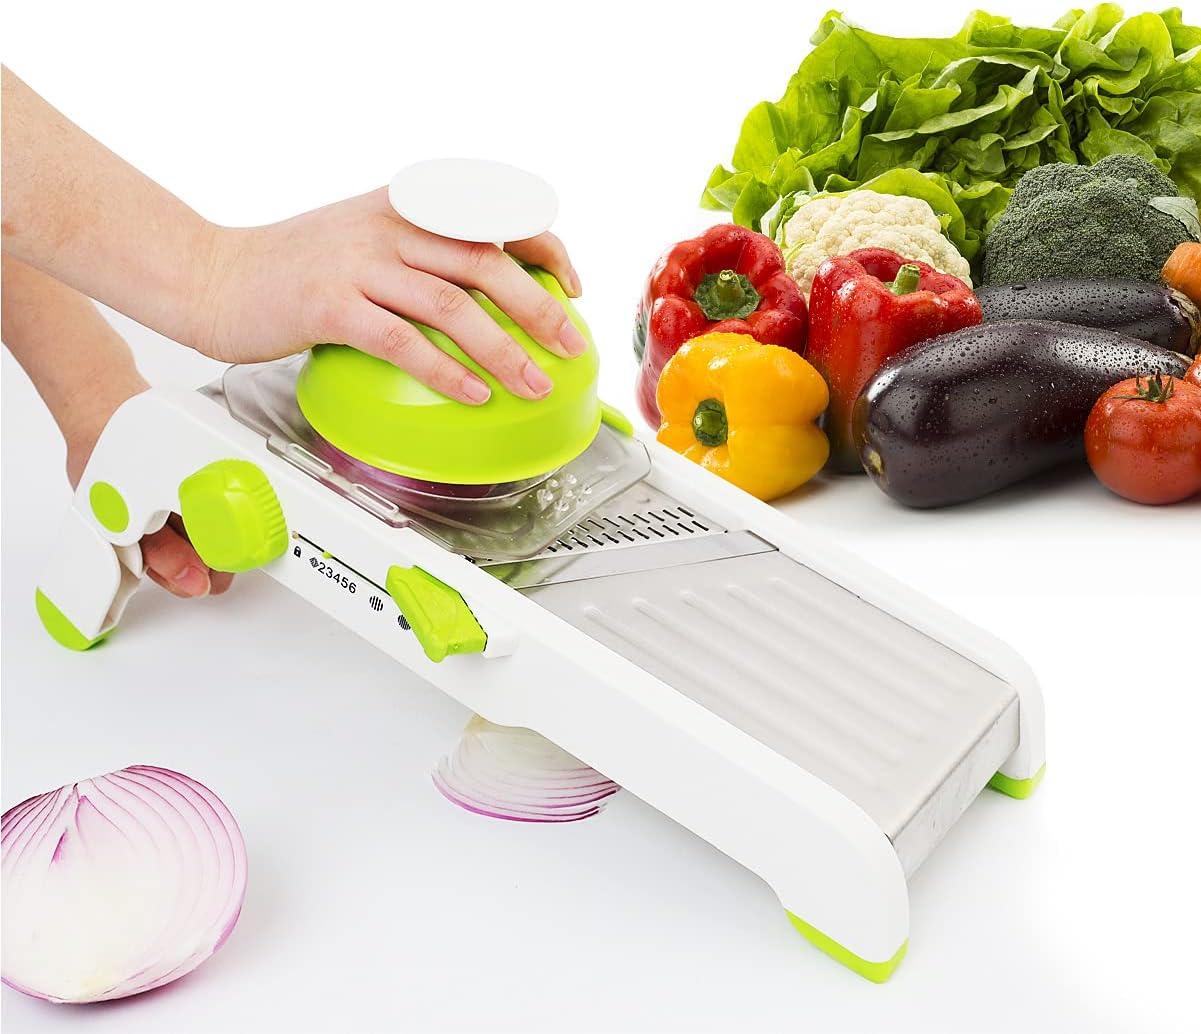 Mandoline Slicer Vegetable Slicer Vegetable Graters, Adjustable Thickness Shape Stainless Steel Slicer Cutter Potato Chip Onion Apple Food Slicer